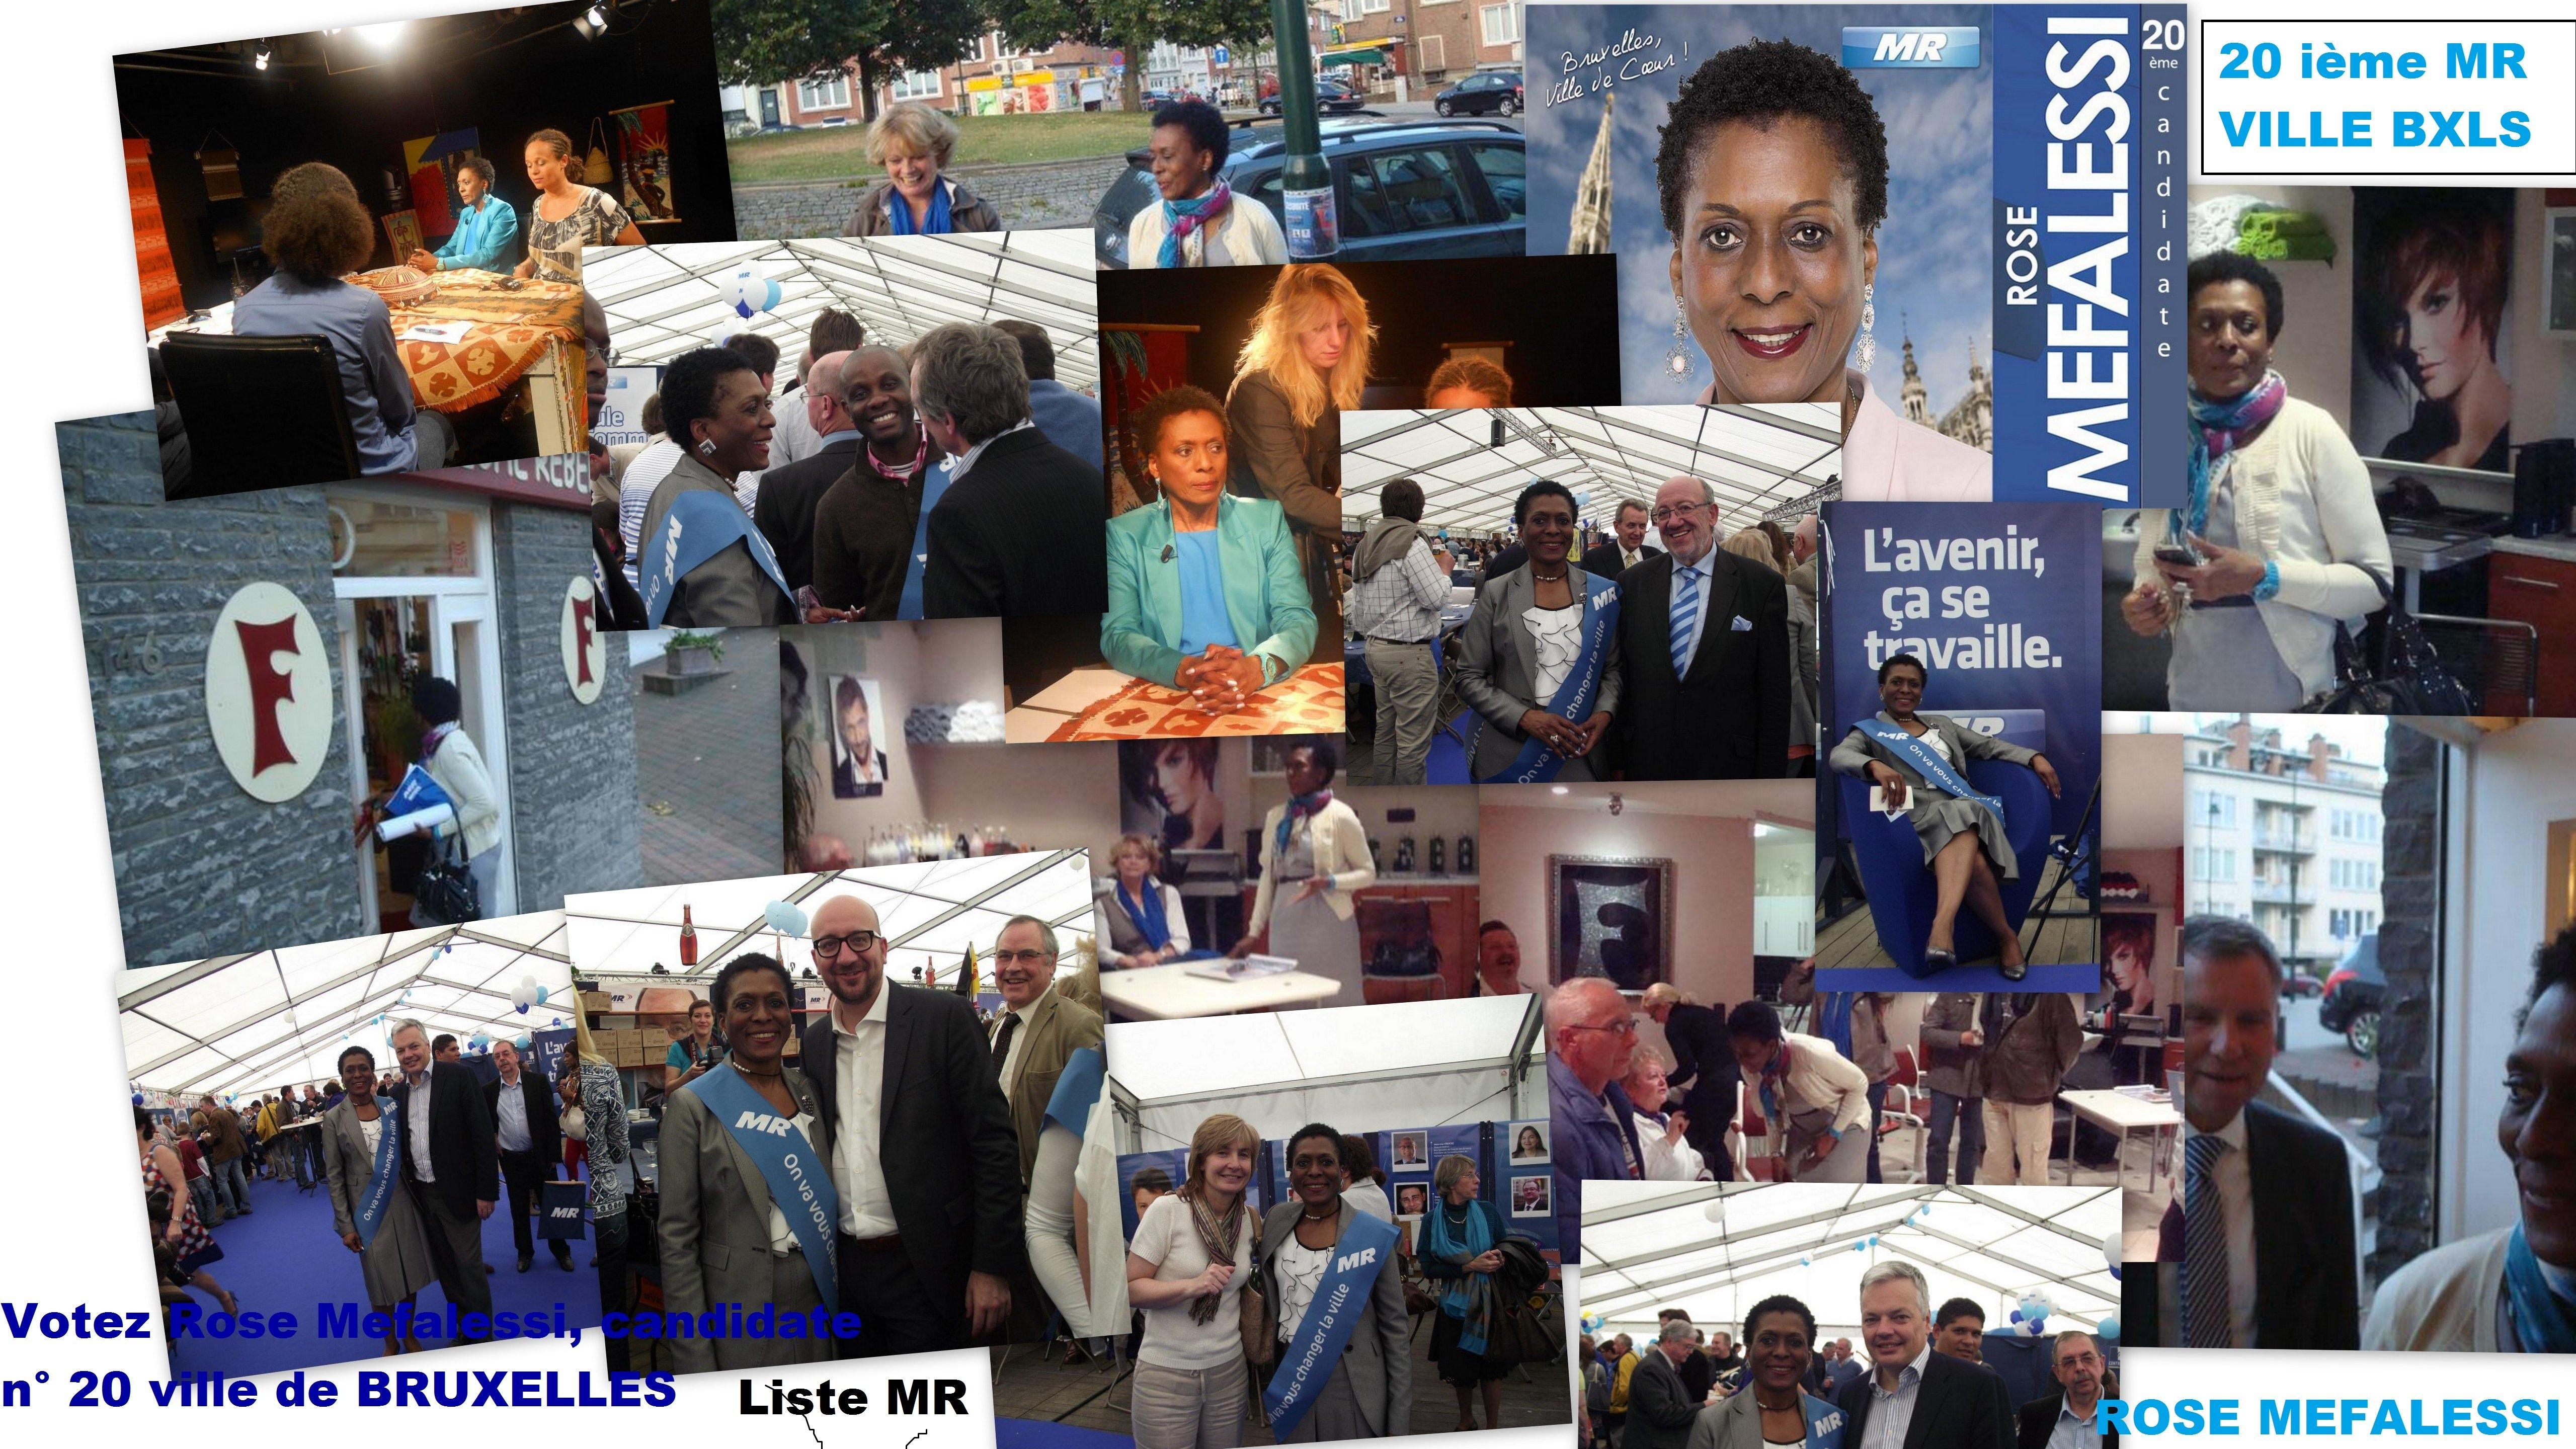 Pour que les choses changent dans Bruxelles Ville, votez MR. Votez la 20e candidate!! MR-3